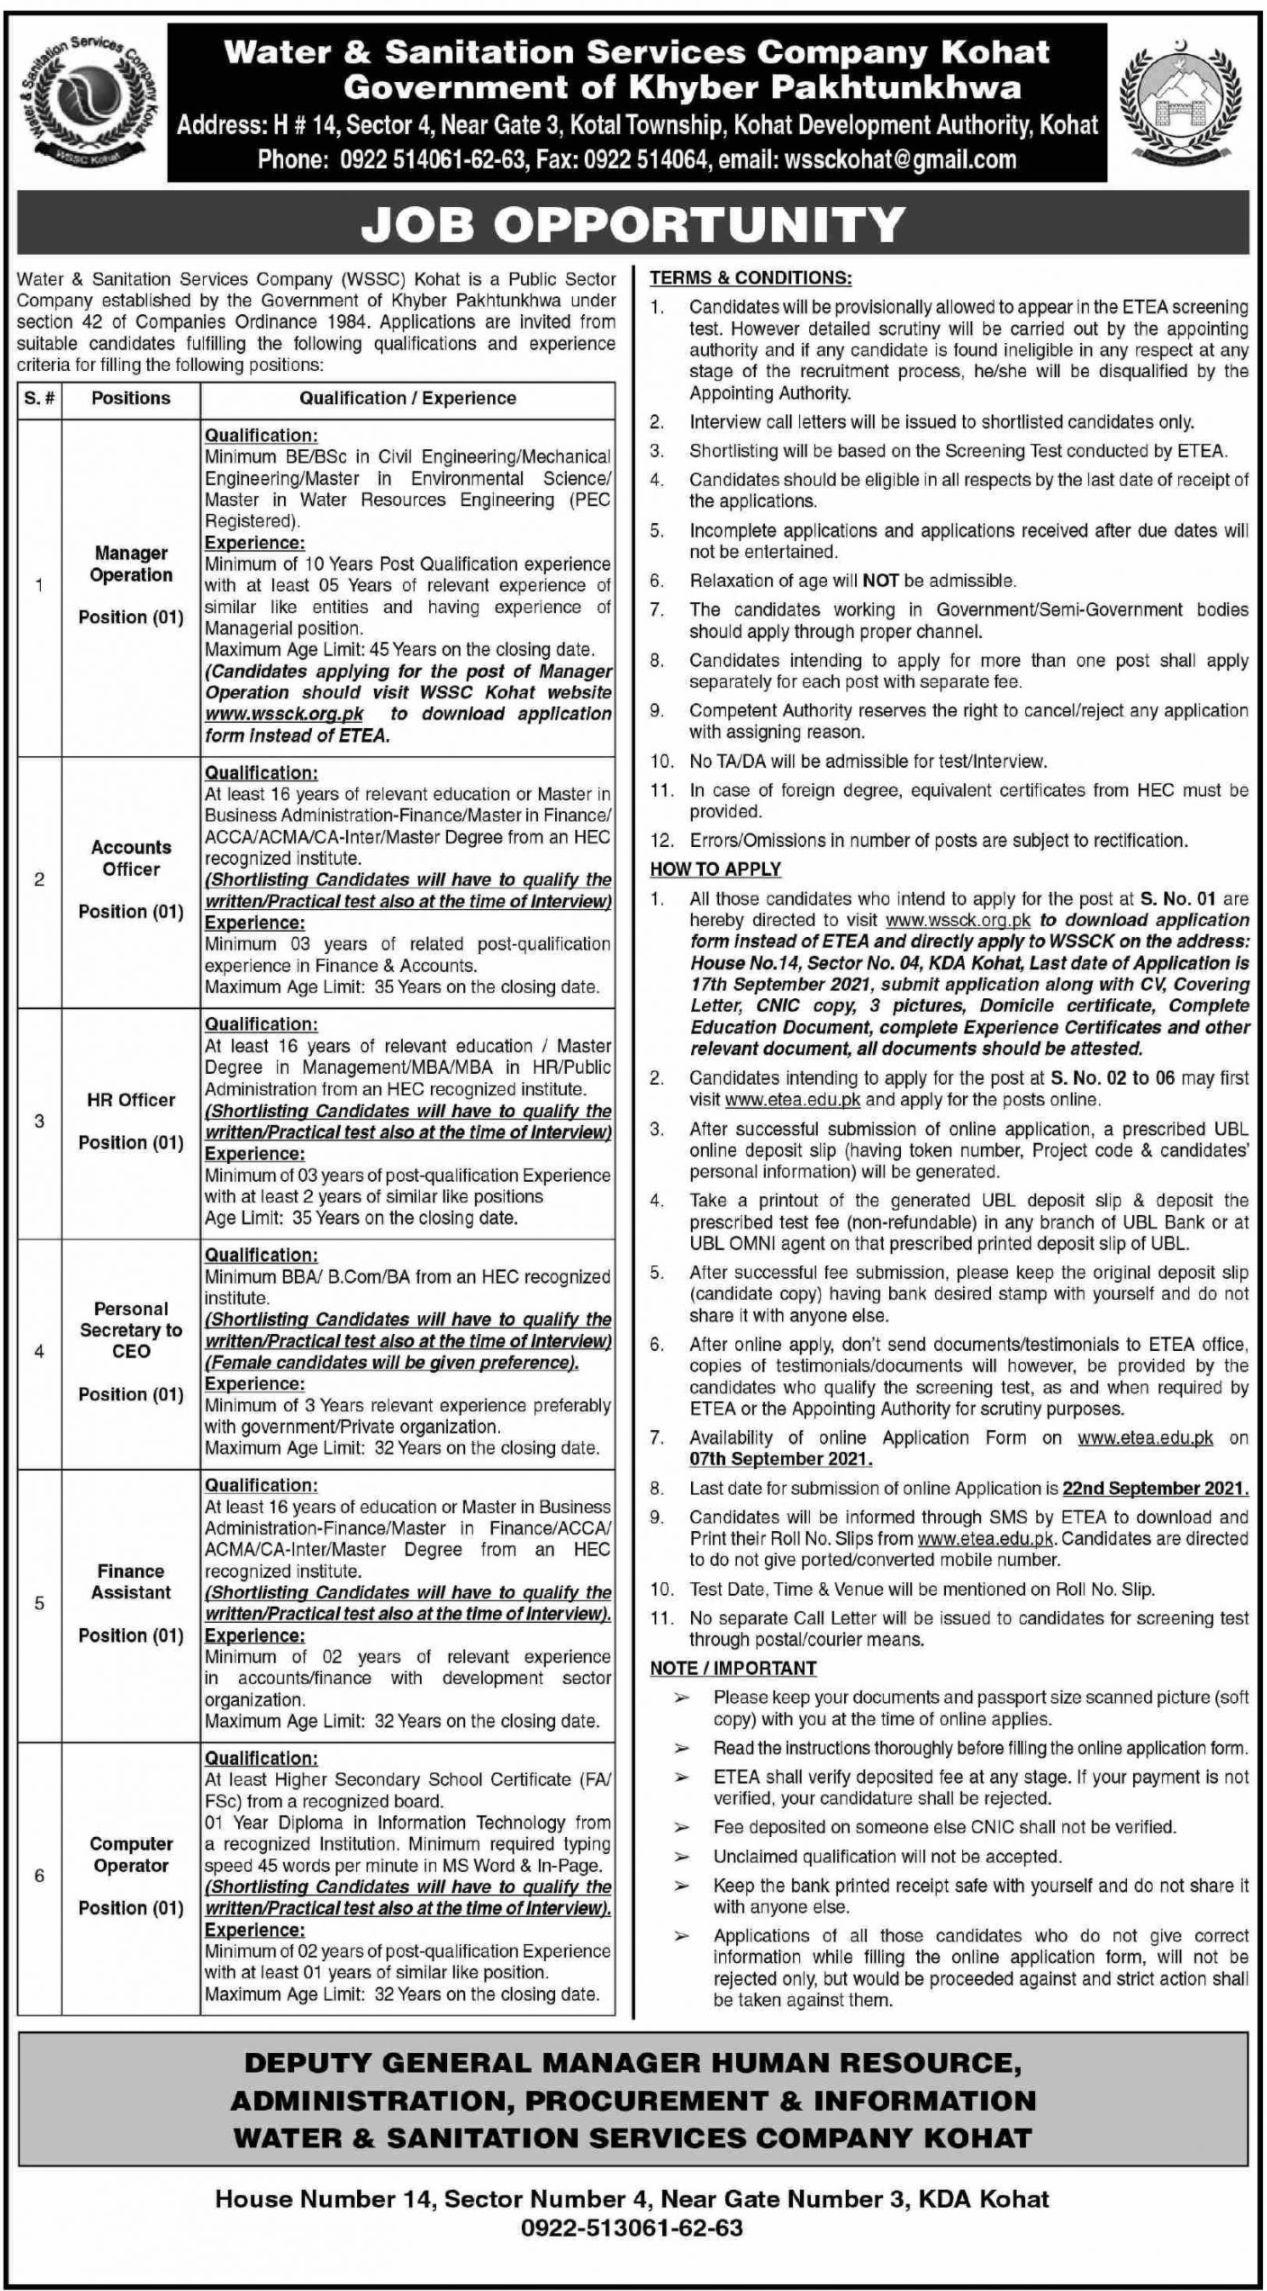 Water & Sanitation Services Company Kohat Vacancies 2021 2